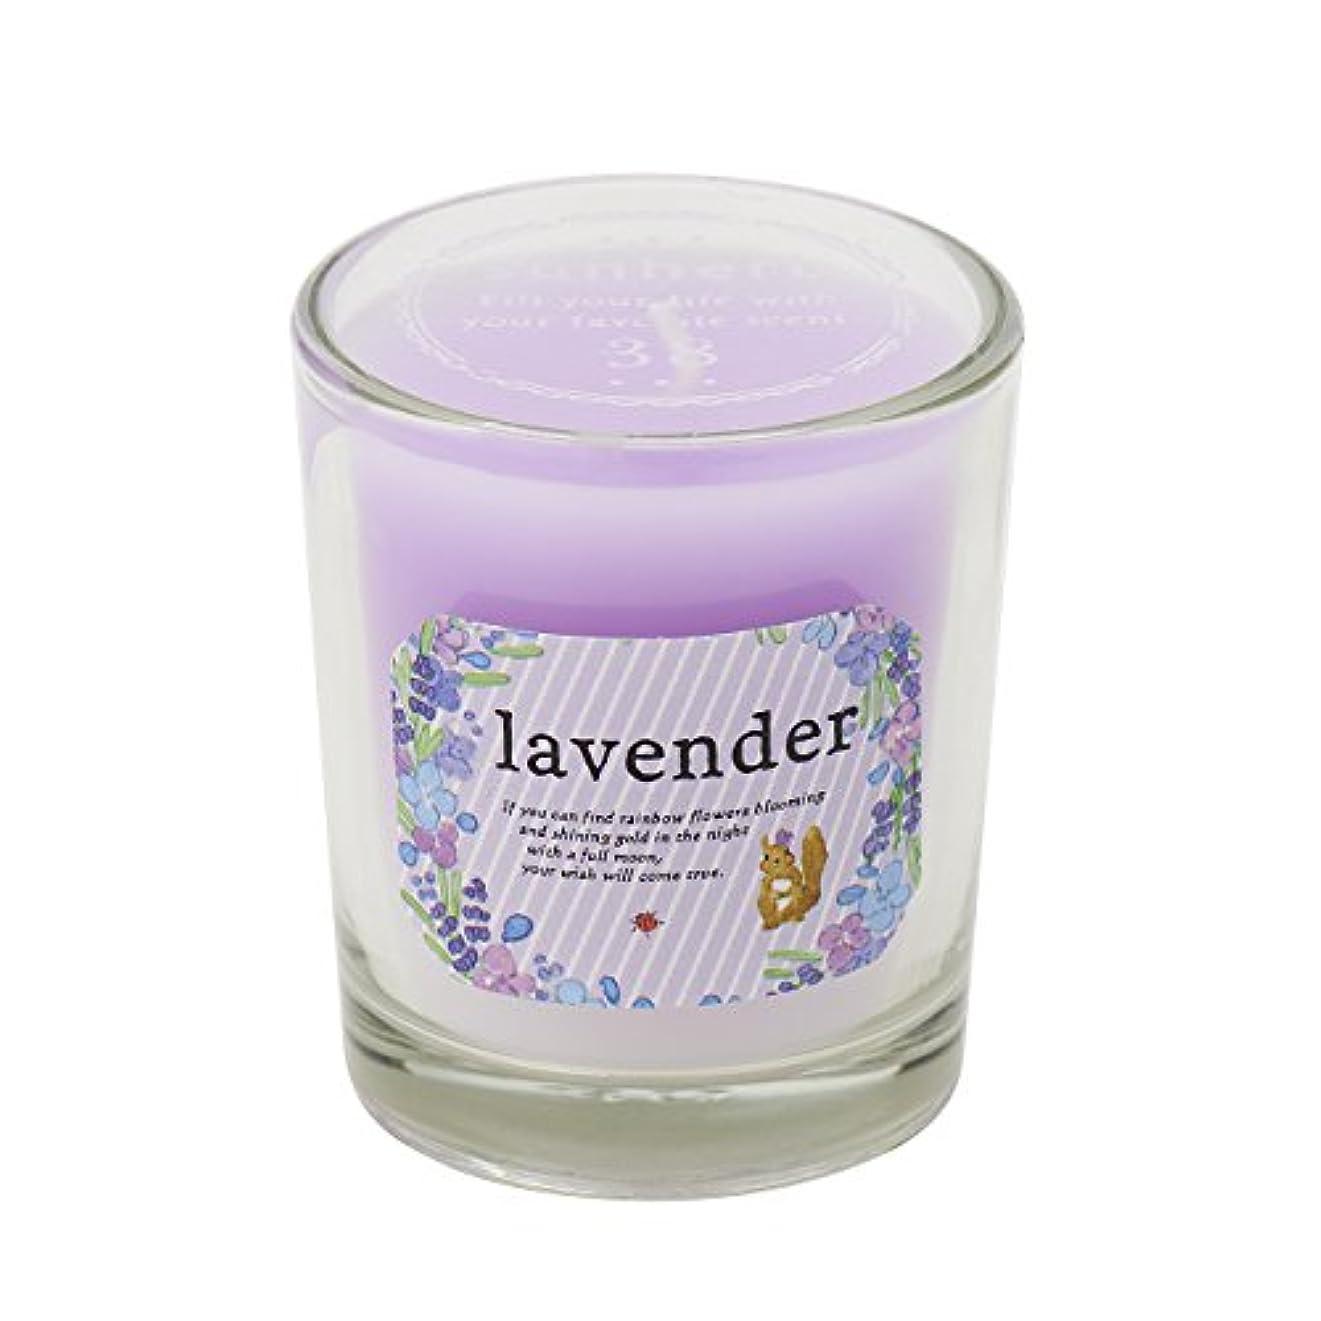 寝室重くする電話するサンハーブ グラスキャンドル ラベンダー 35g(グラデーションろうそく 燃焼時間約10時間 ふわっと爽やかなラベンダーの香り)